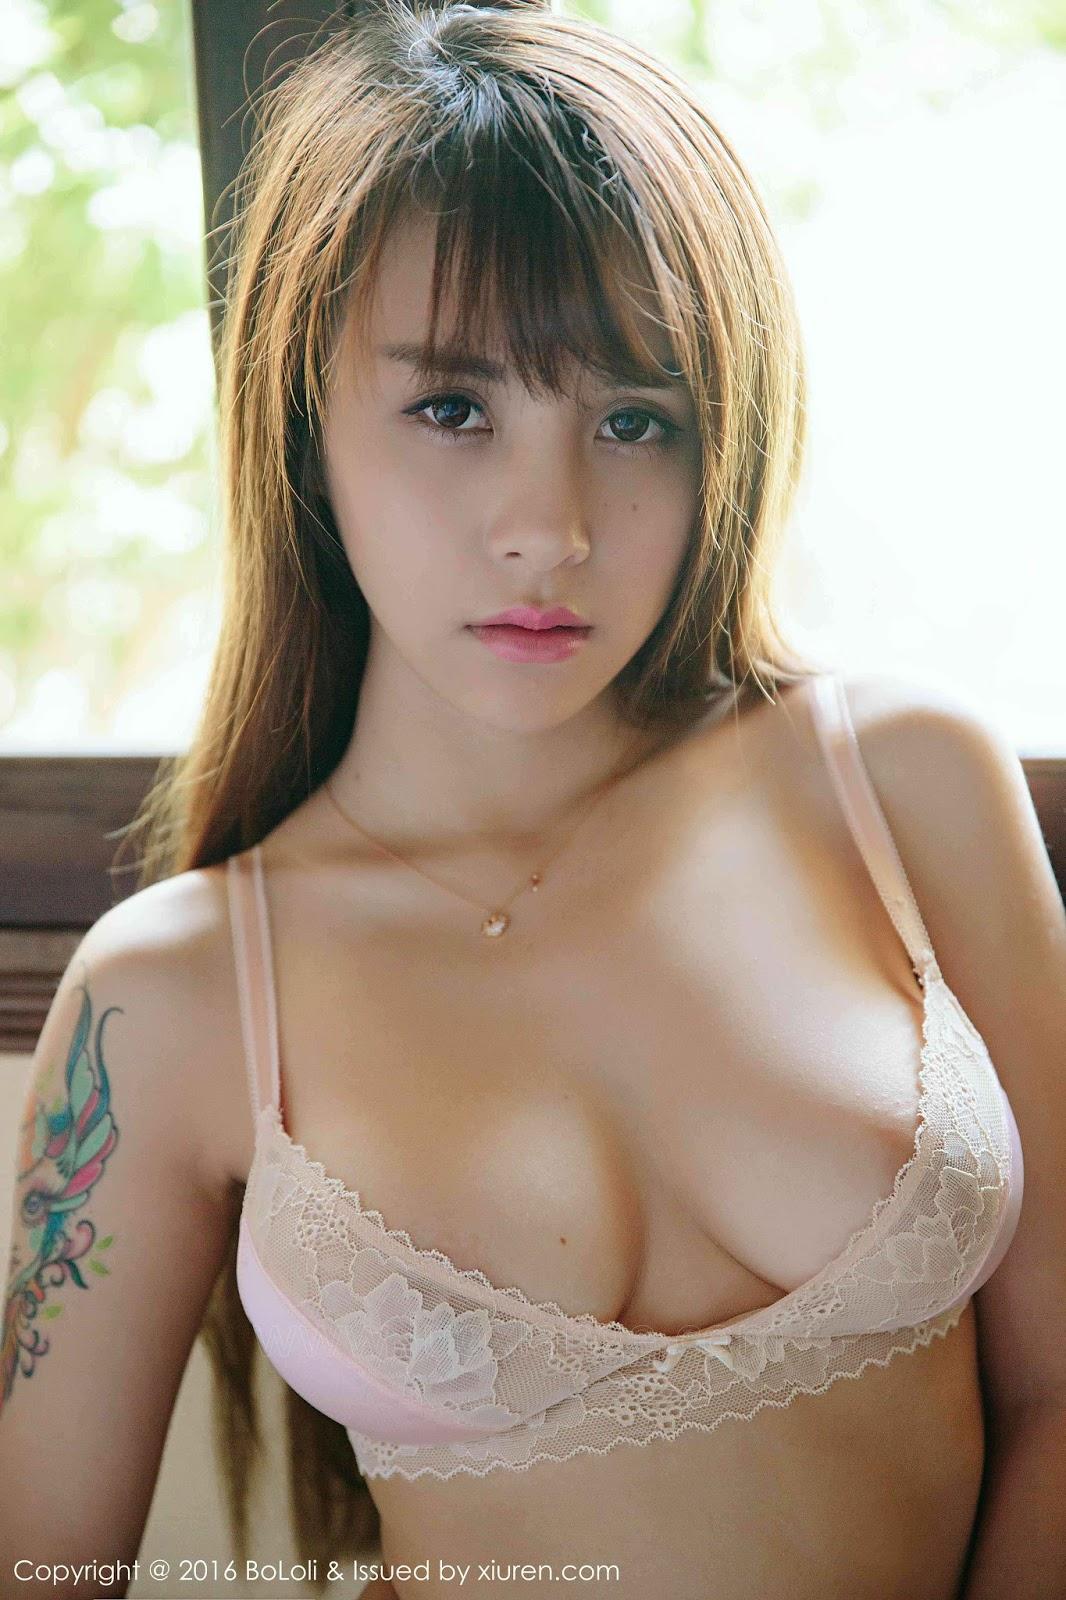 Singer nipples